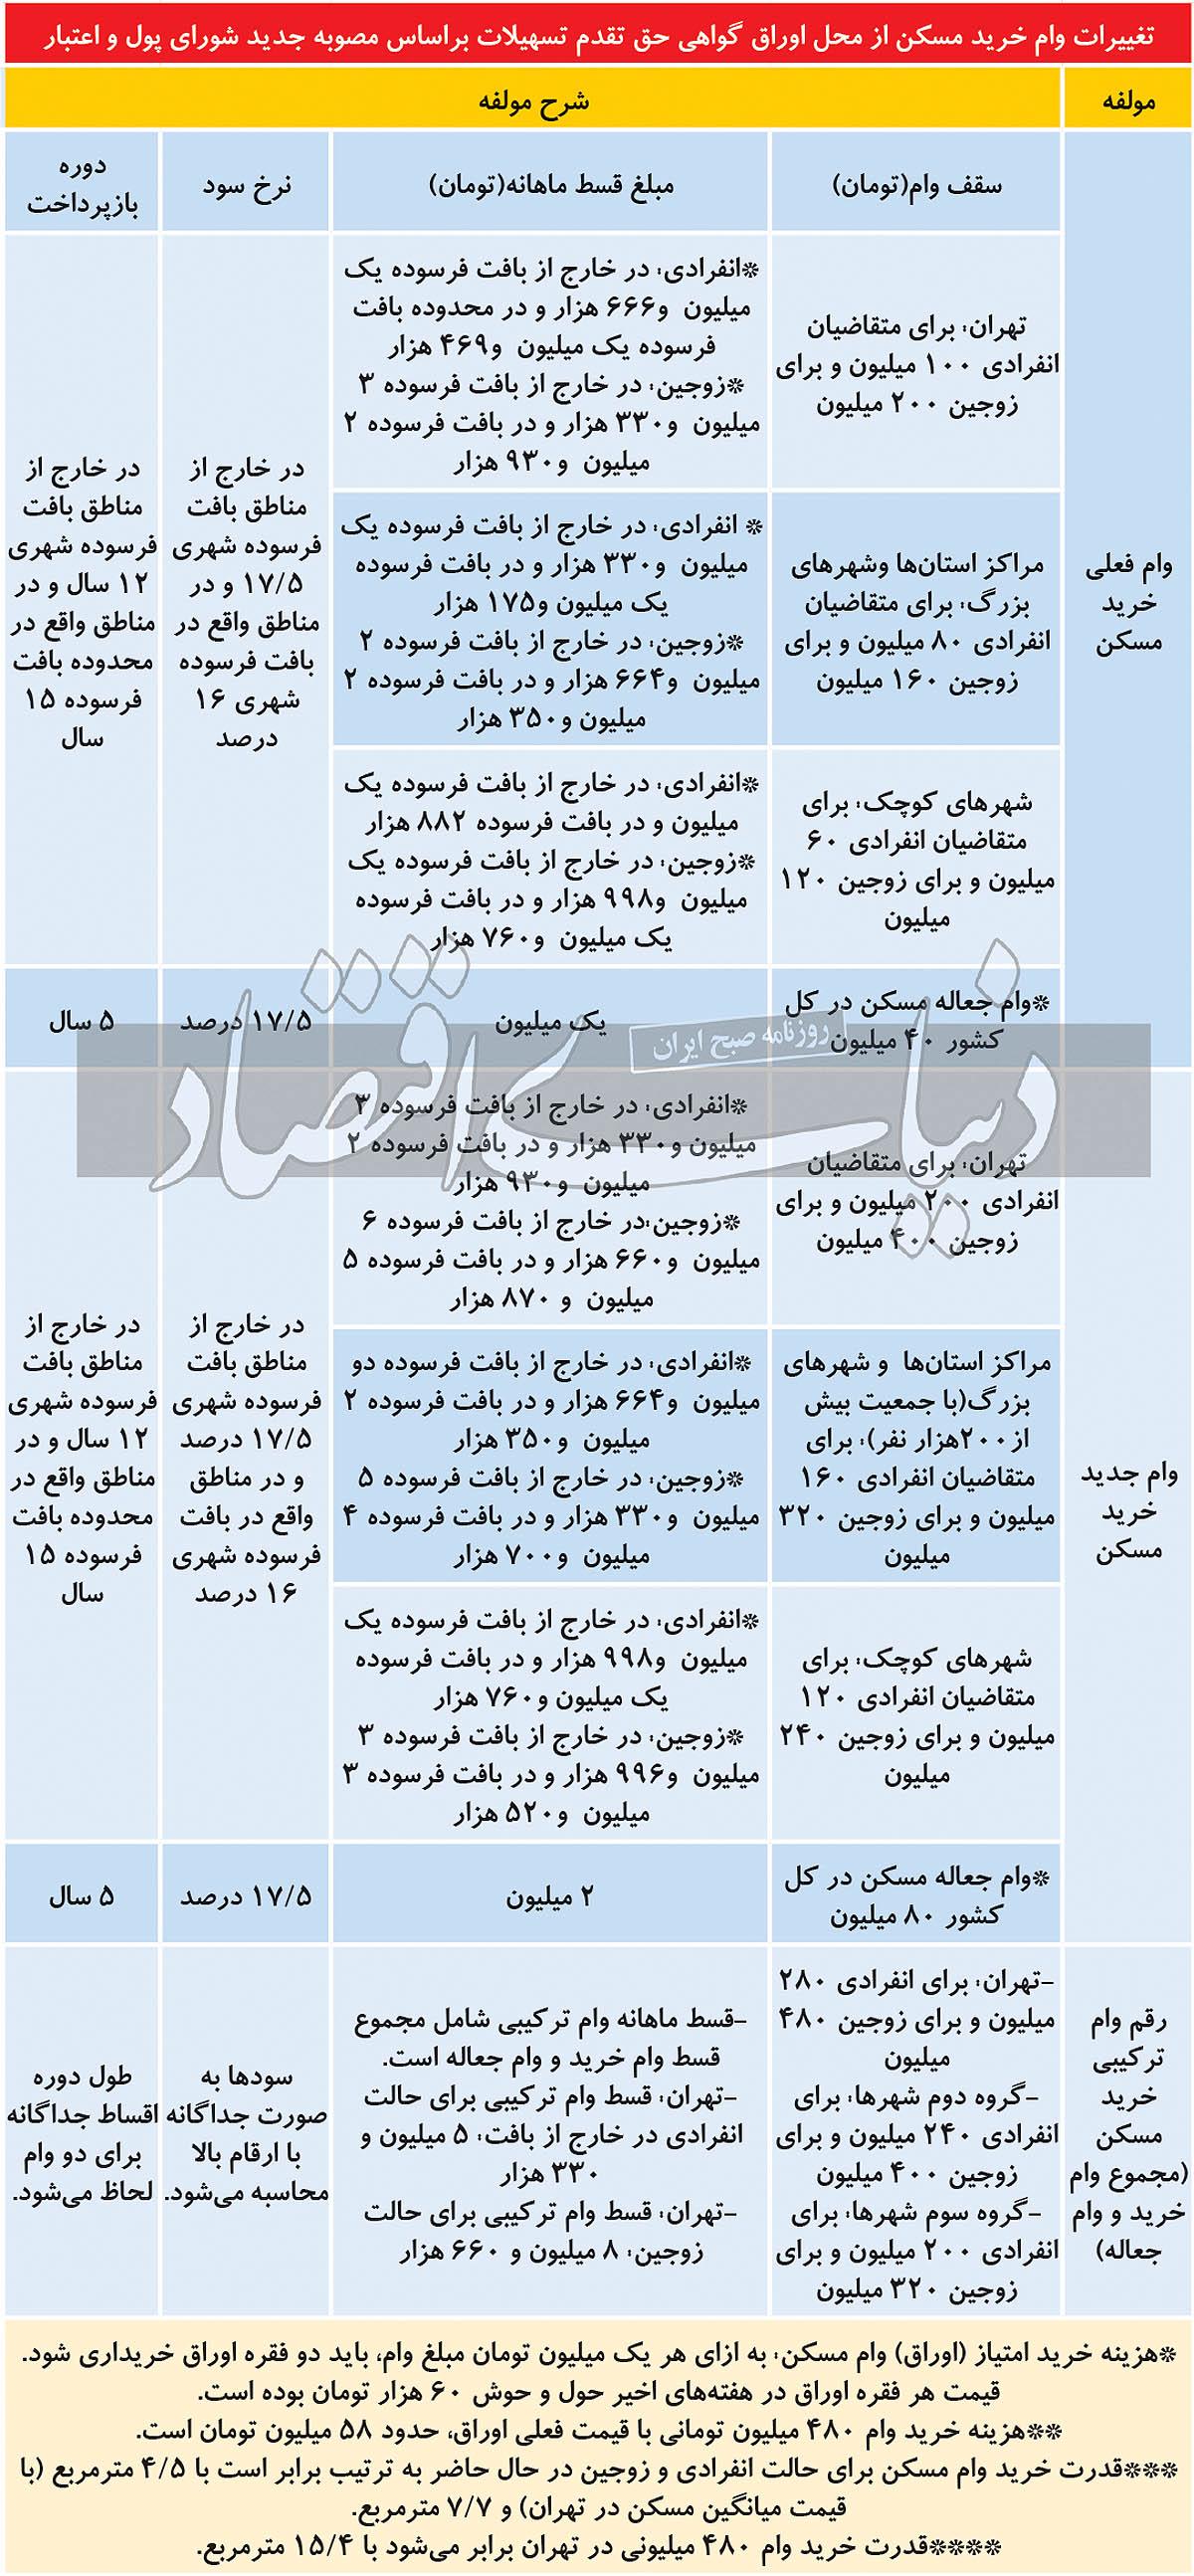 سقف وام خرید مسکن در تهران و سایر شهرها ۲ برابر شد.